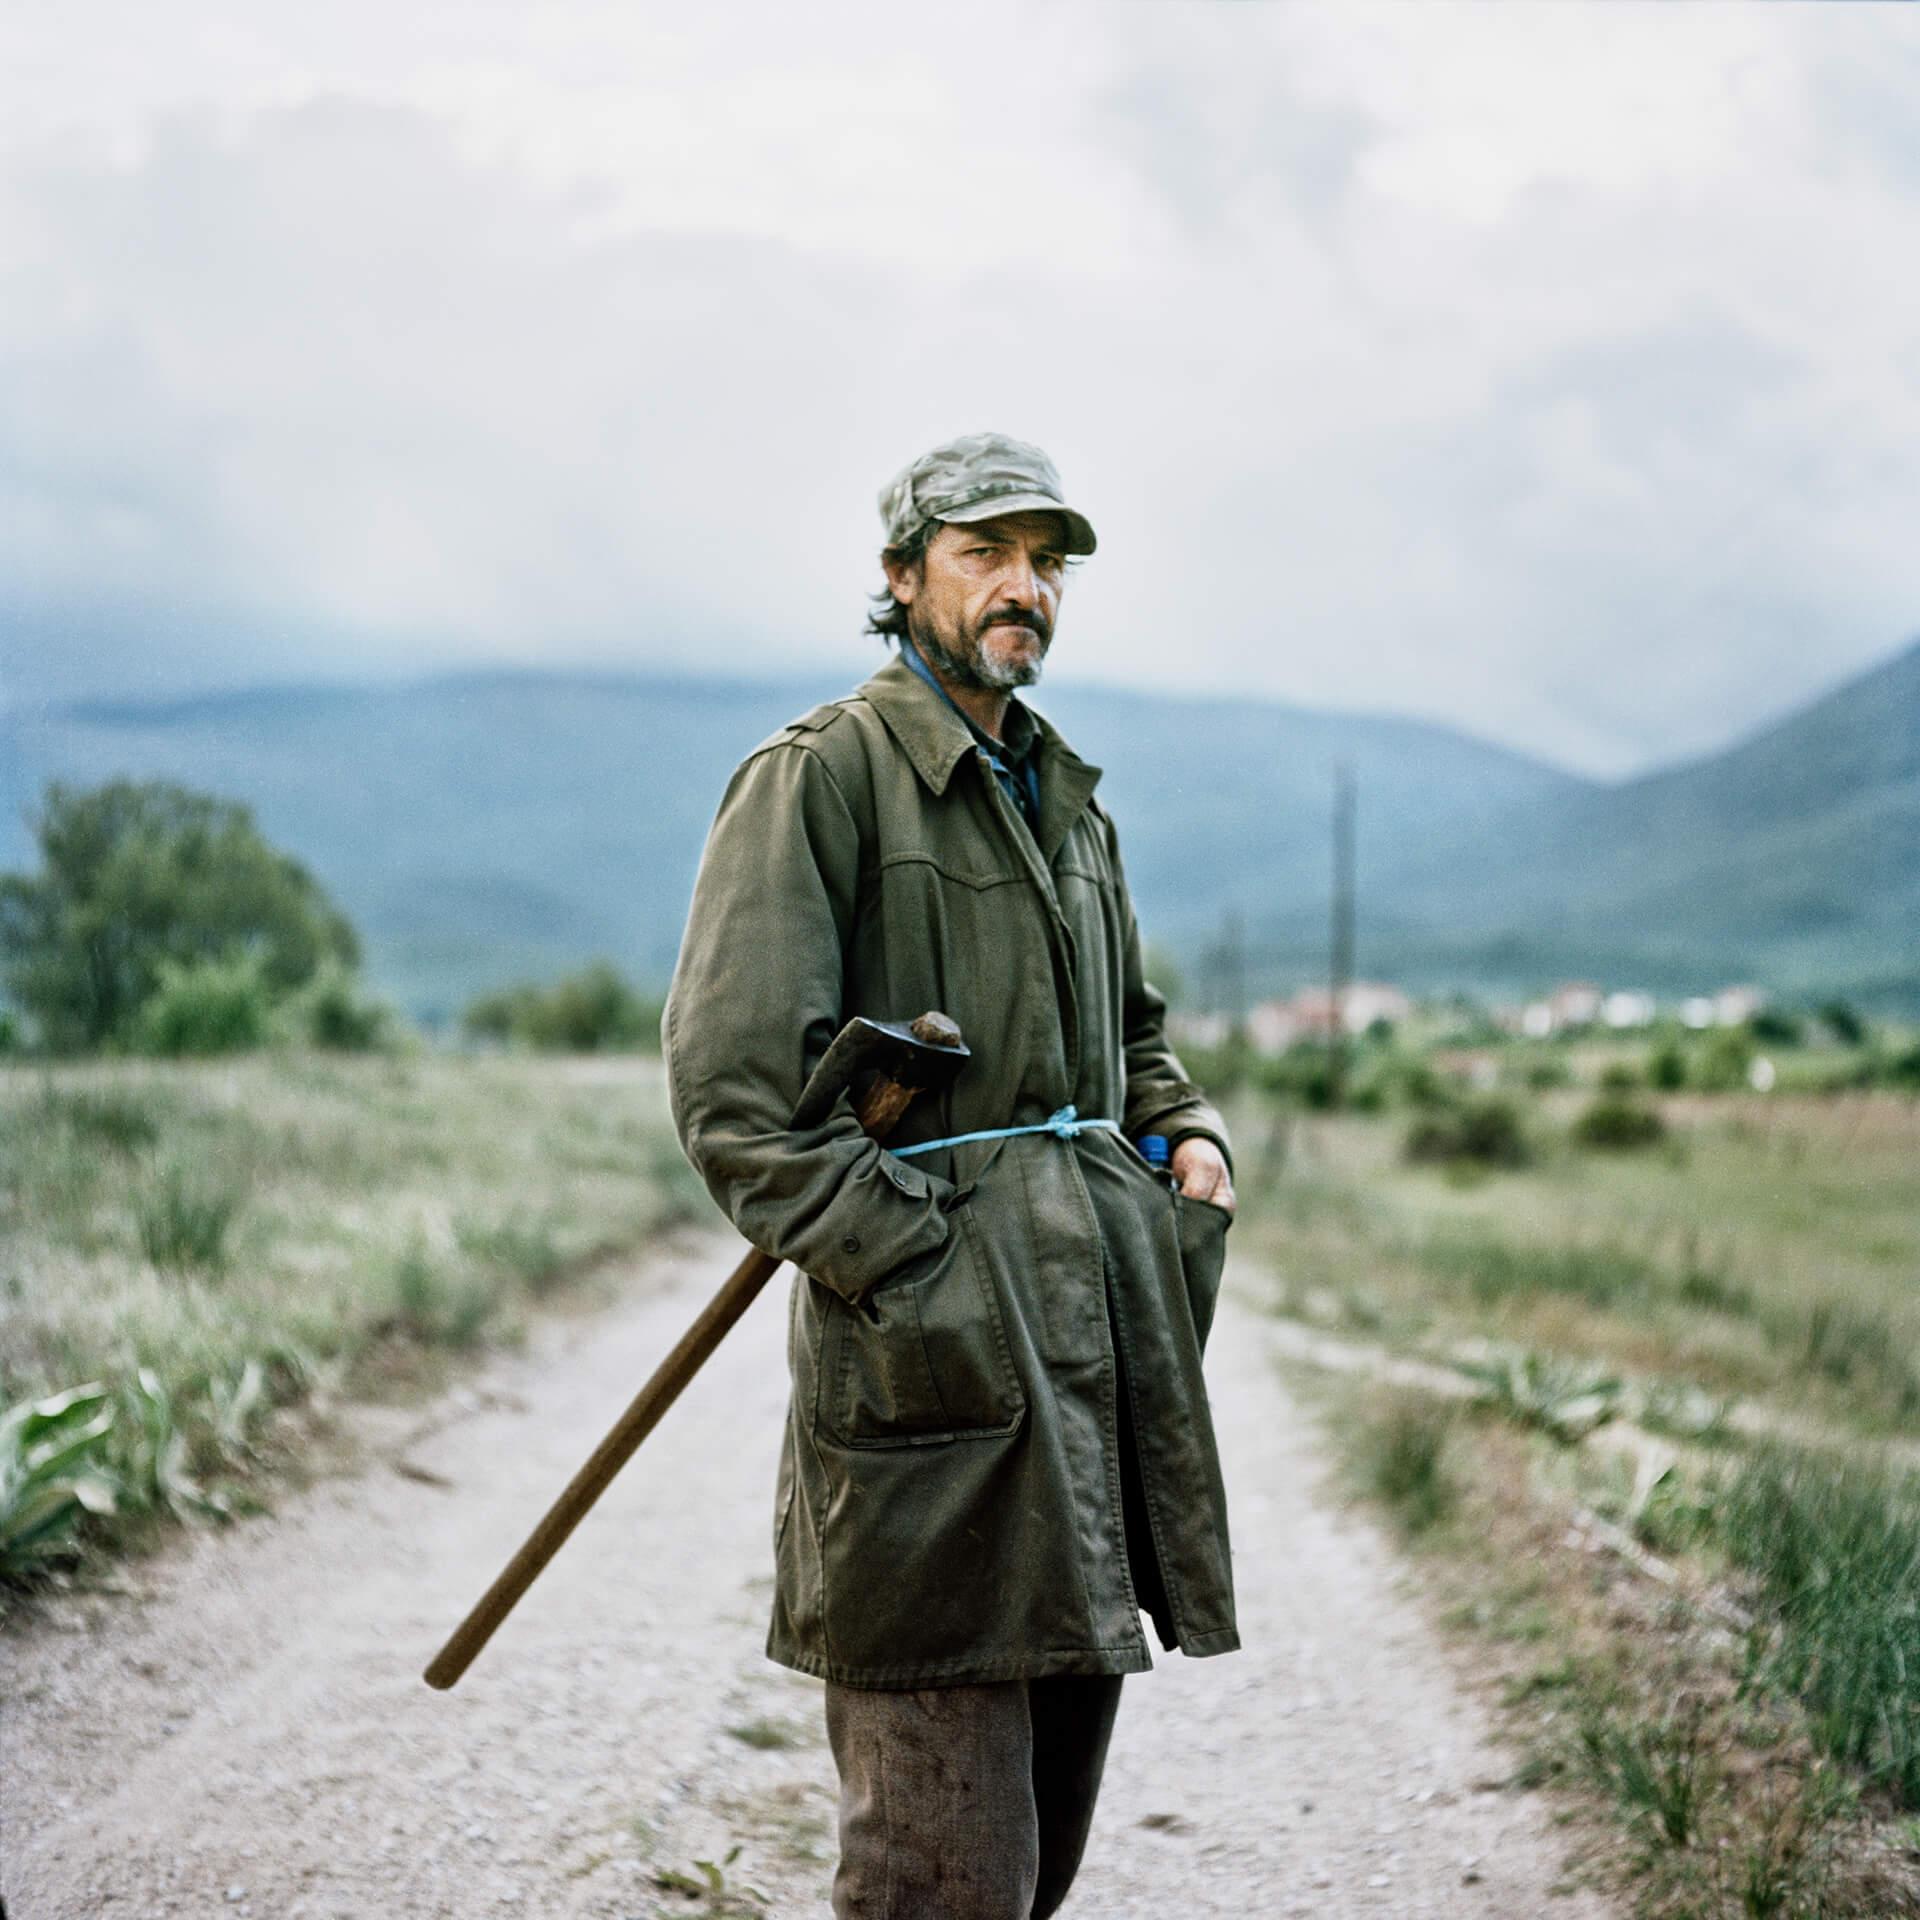 Après l'effondrement de la Yougoslavie, Ljubcko qui travaillait dans un hôtel luxueux, s'est retrouvé au chômage et s'occupe maintenant de ses vaches.